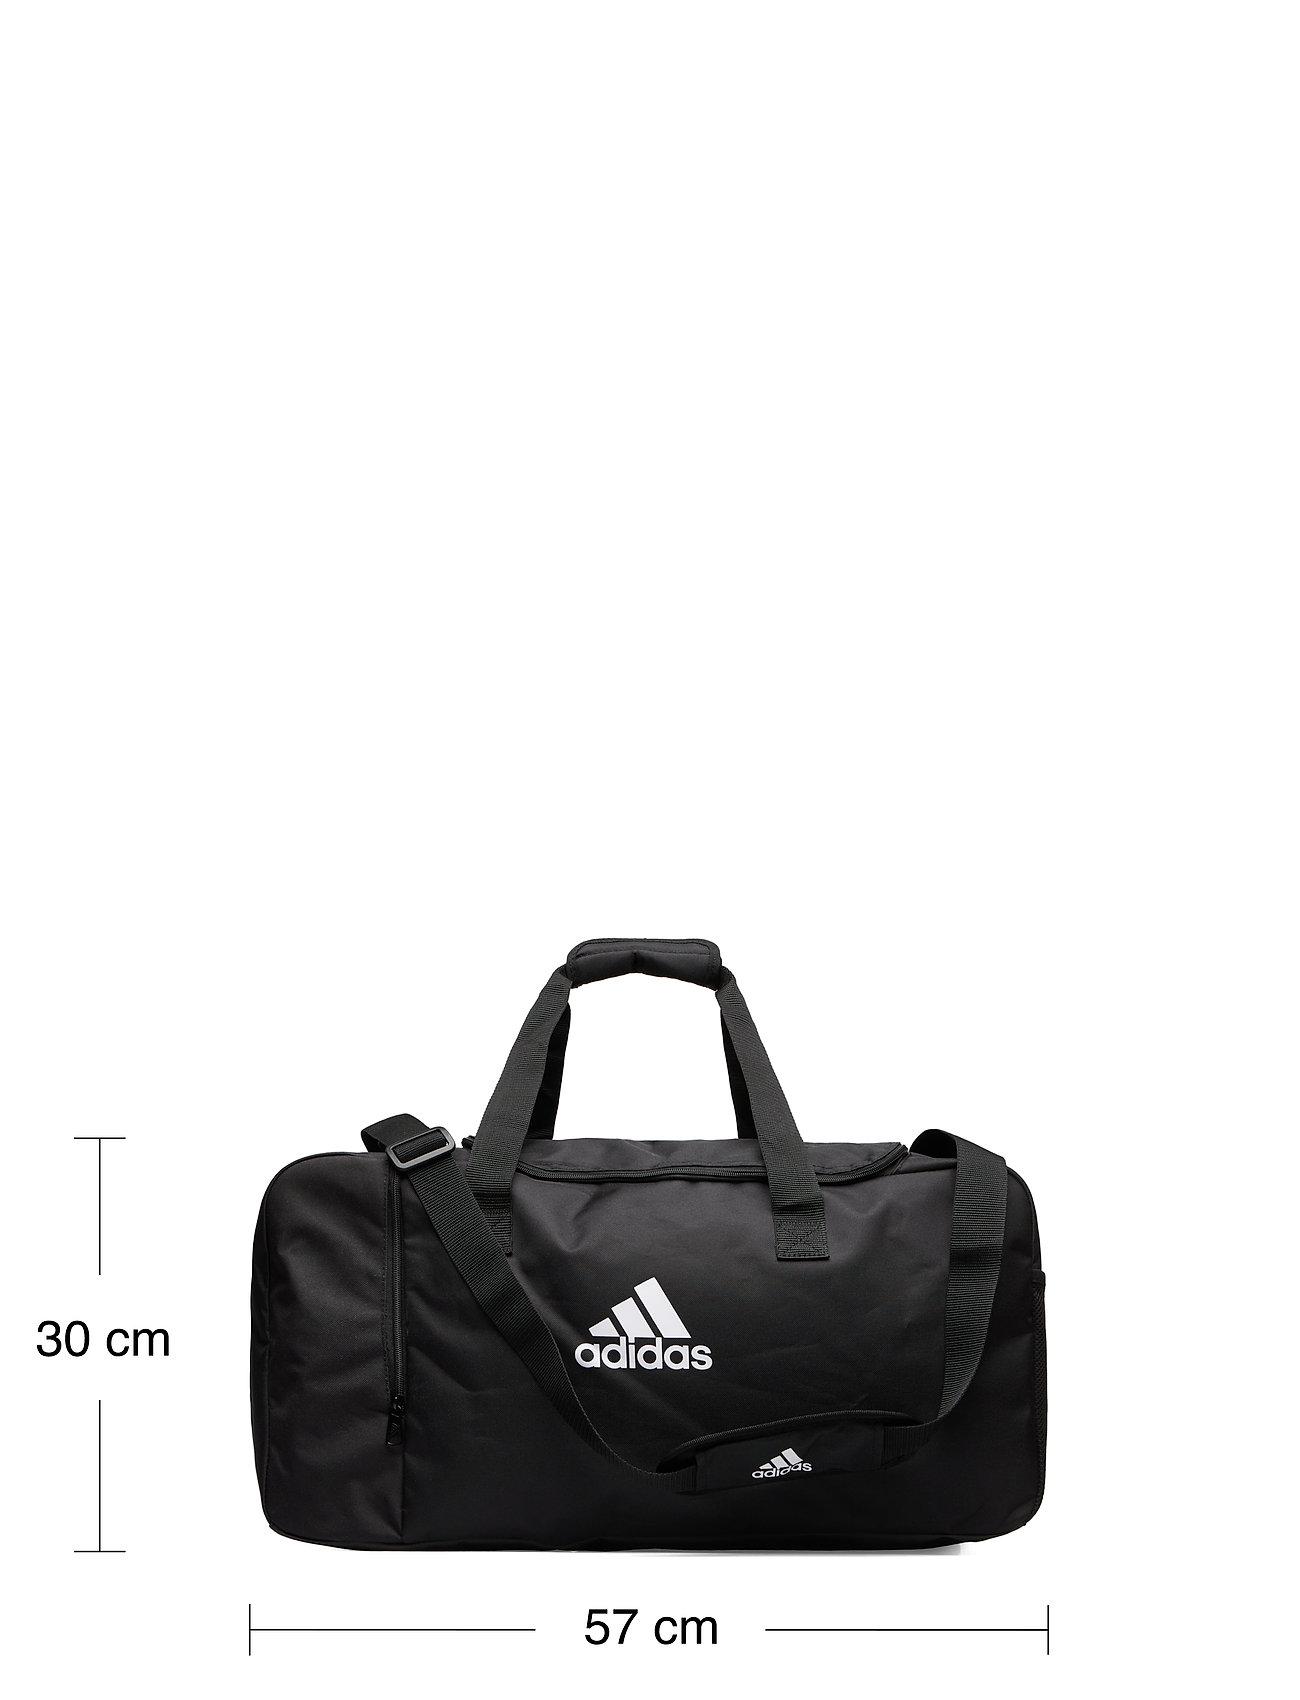 adidas Performance TIRO DU M - Torby podróżne i torby gimnastyczne BLACK/WHITE - Torby